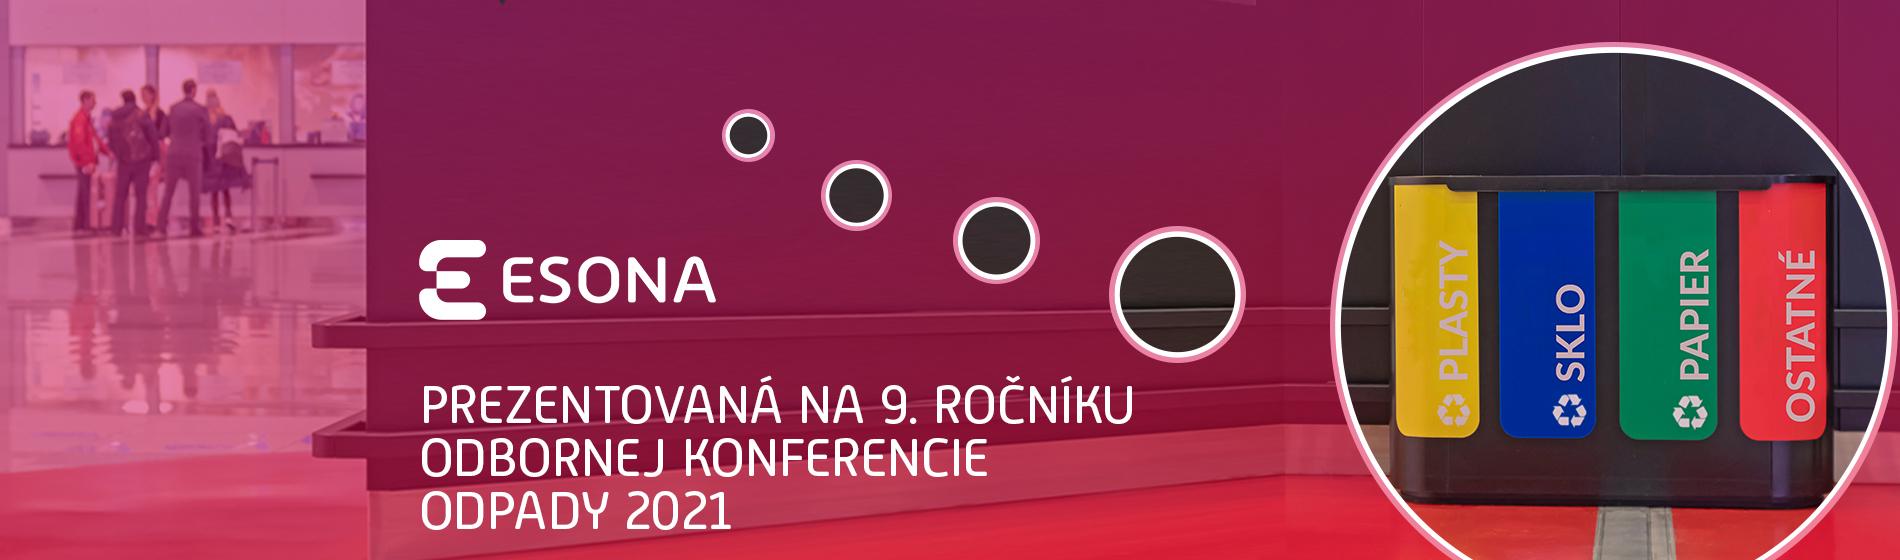 ESONA prezentovaná na 9. ročníku odbornej konferencie ODPADY 2021